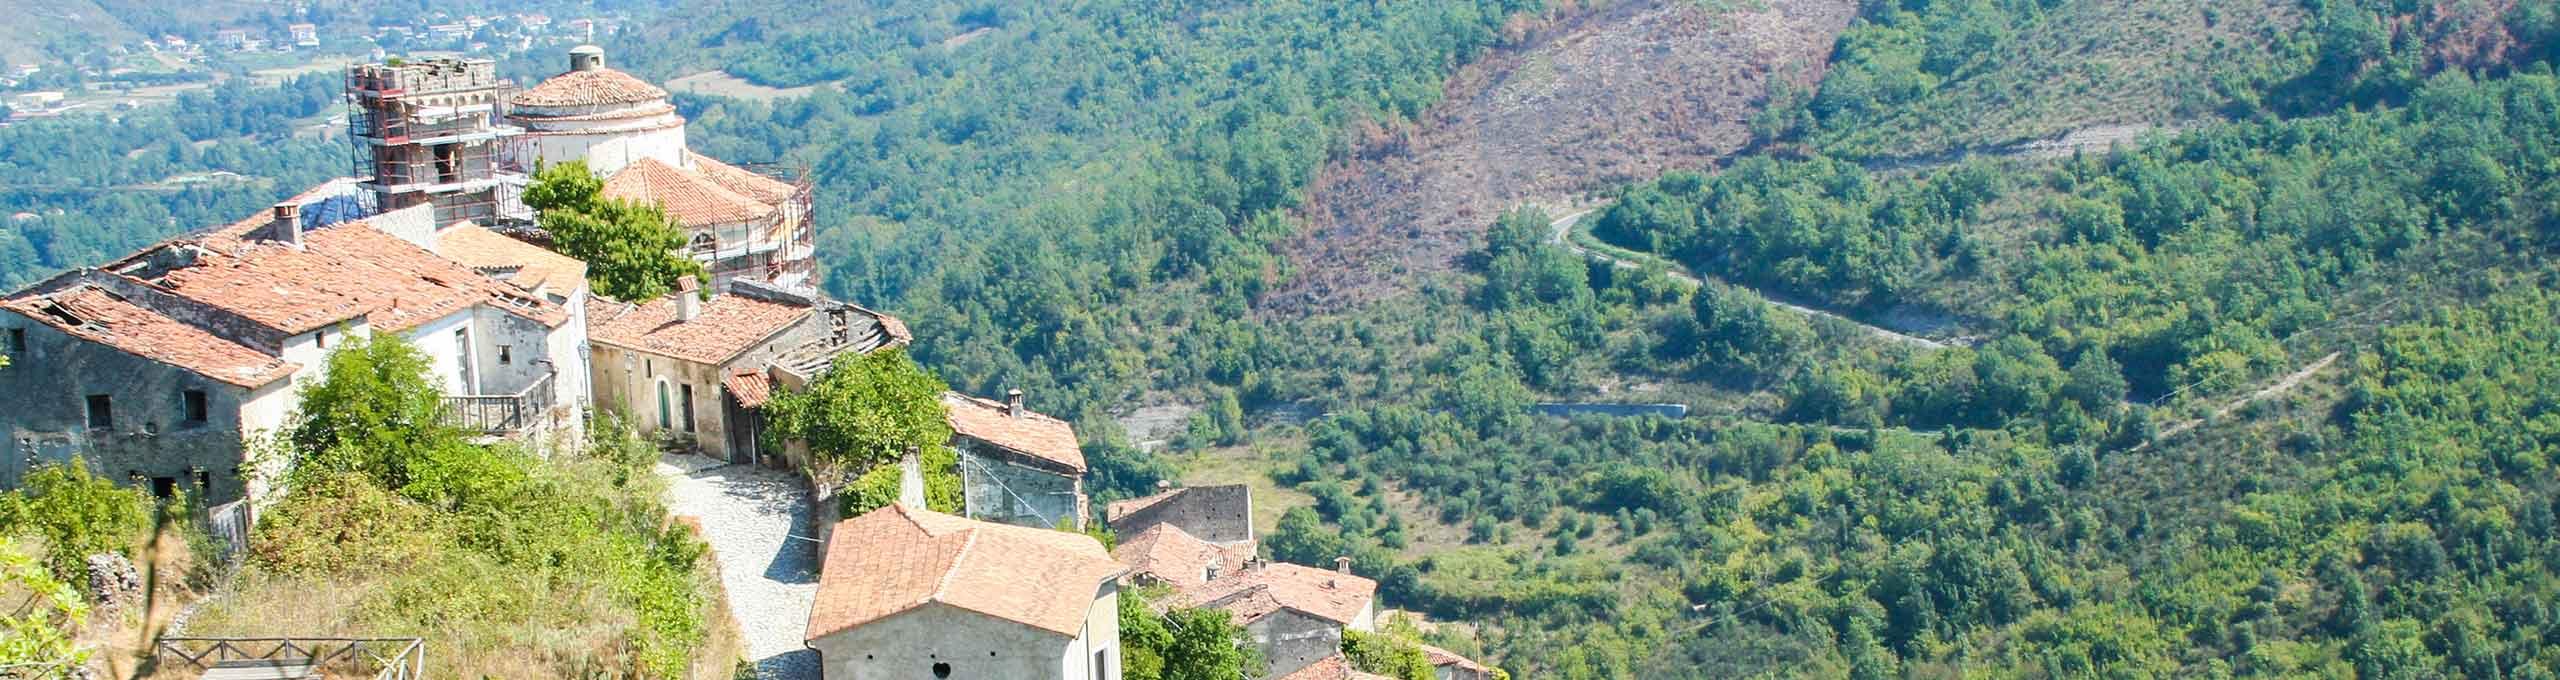 Laino Castello, Massiccio del Pollino